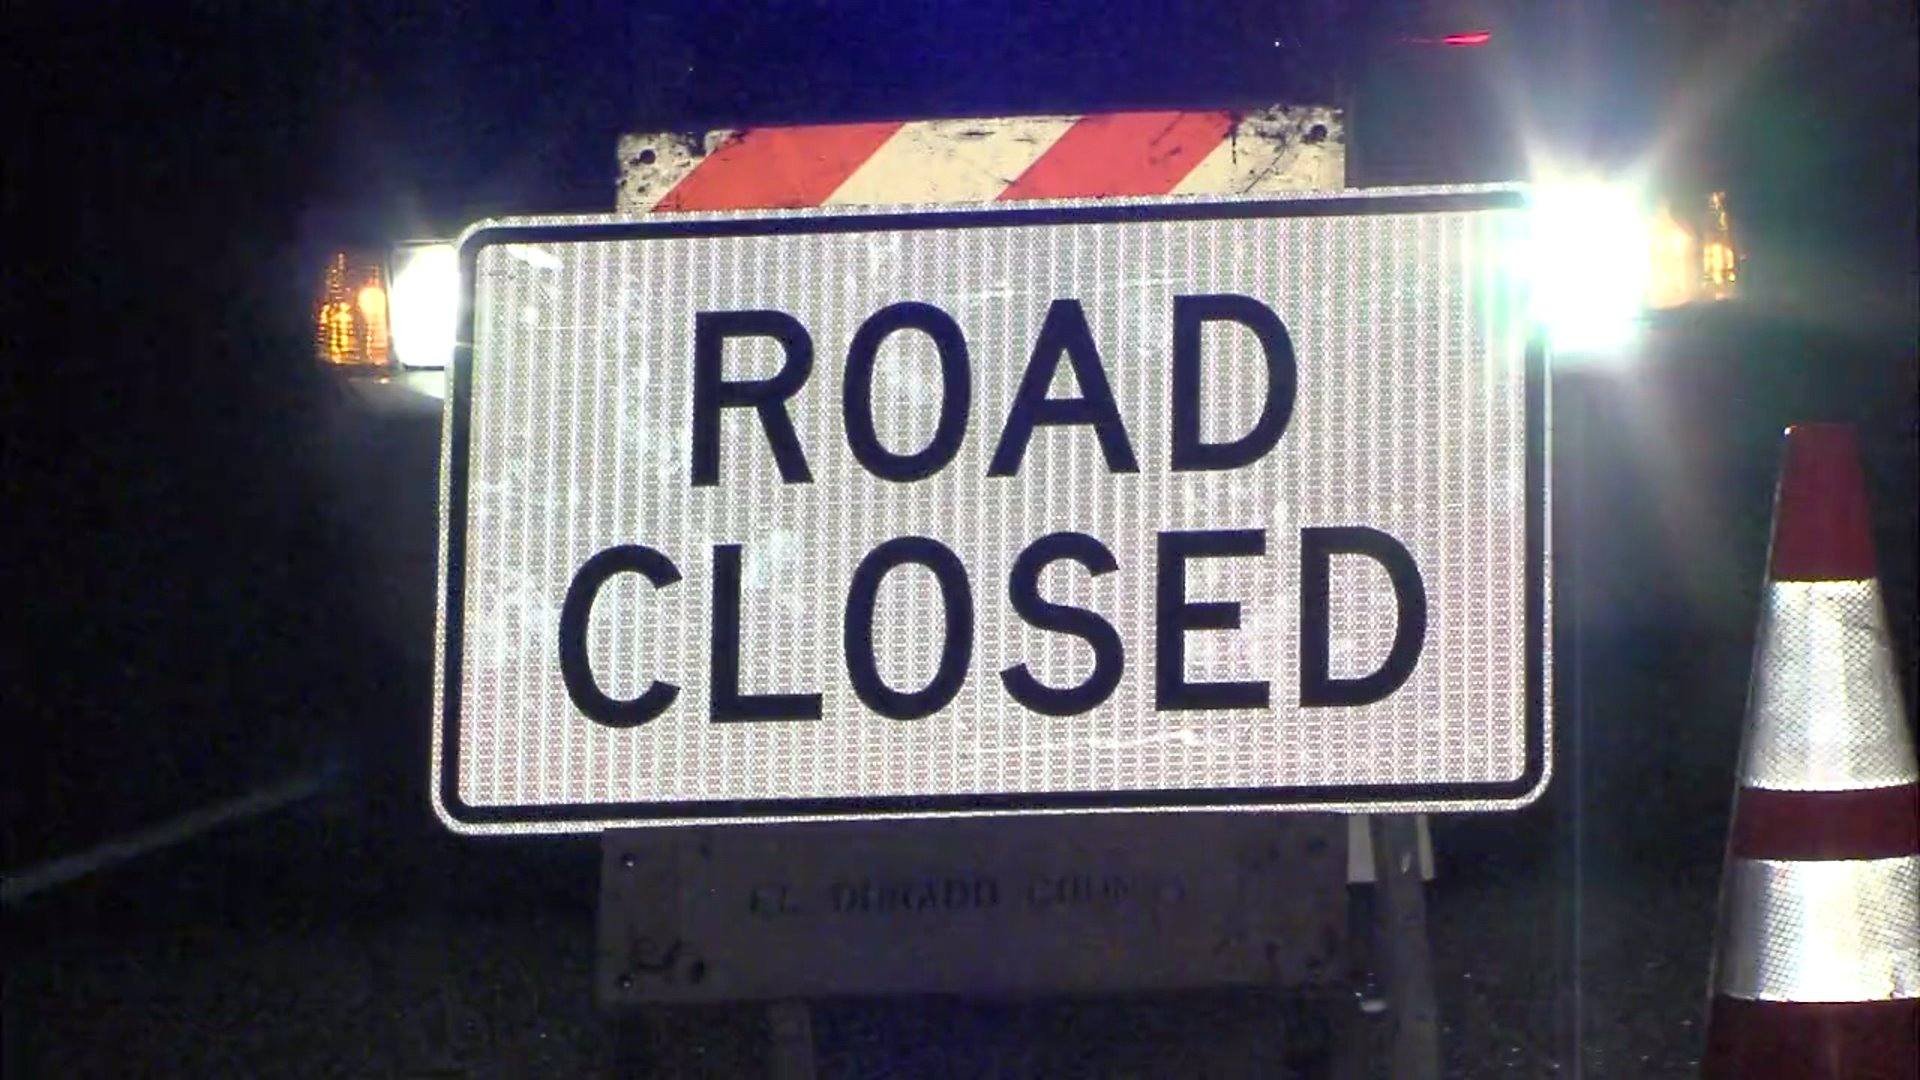 Road Closed, emergency, generic, street